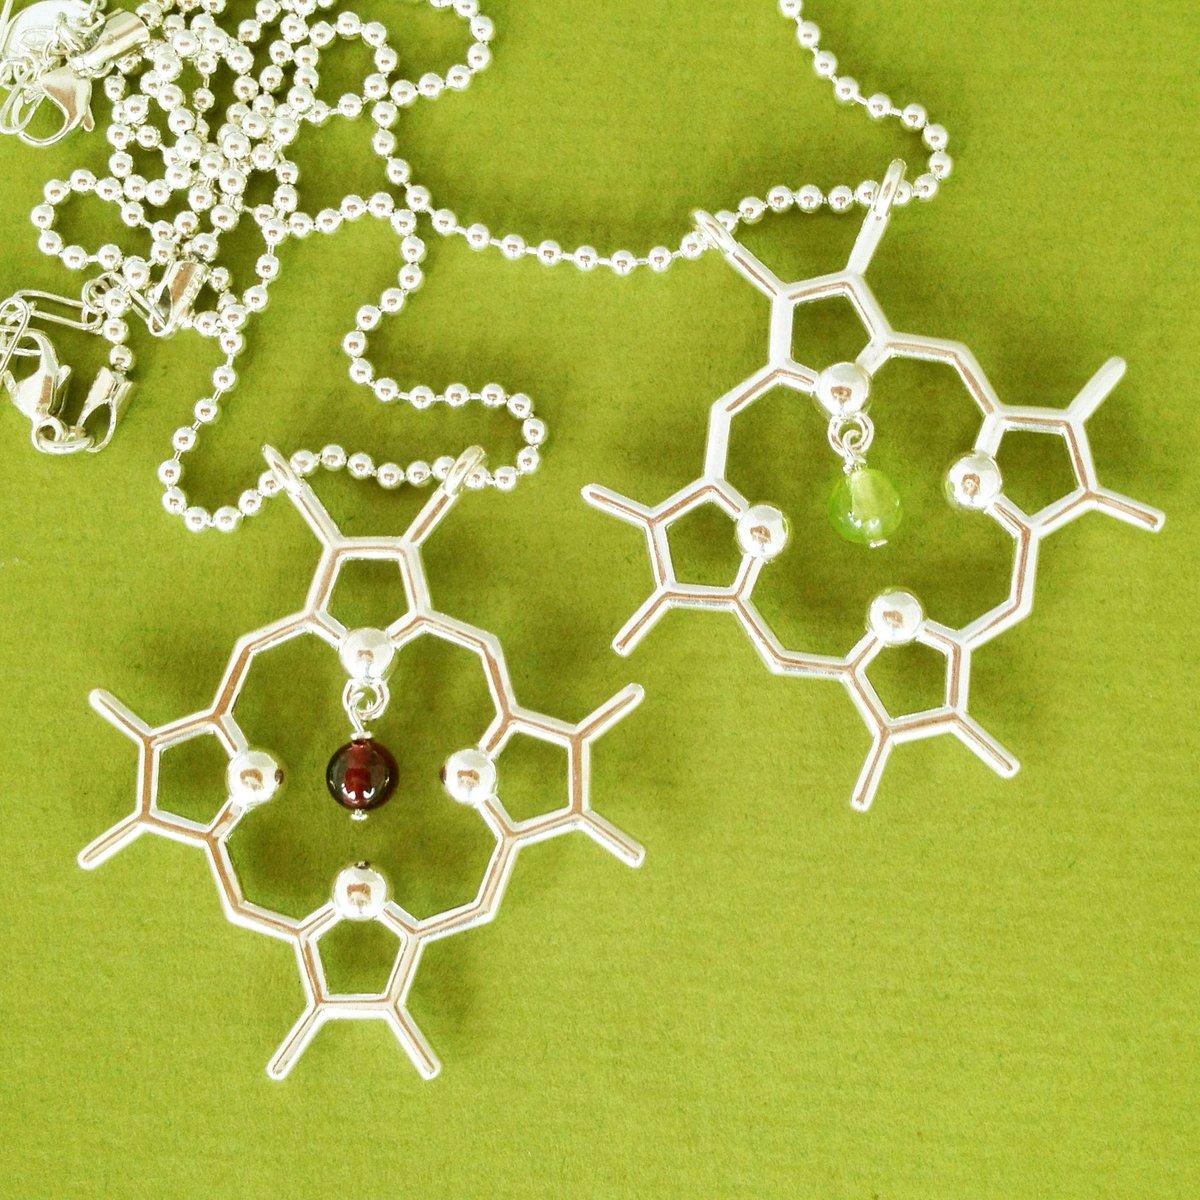 Image of chlorophyll/heme necklace